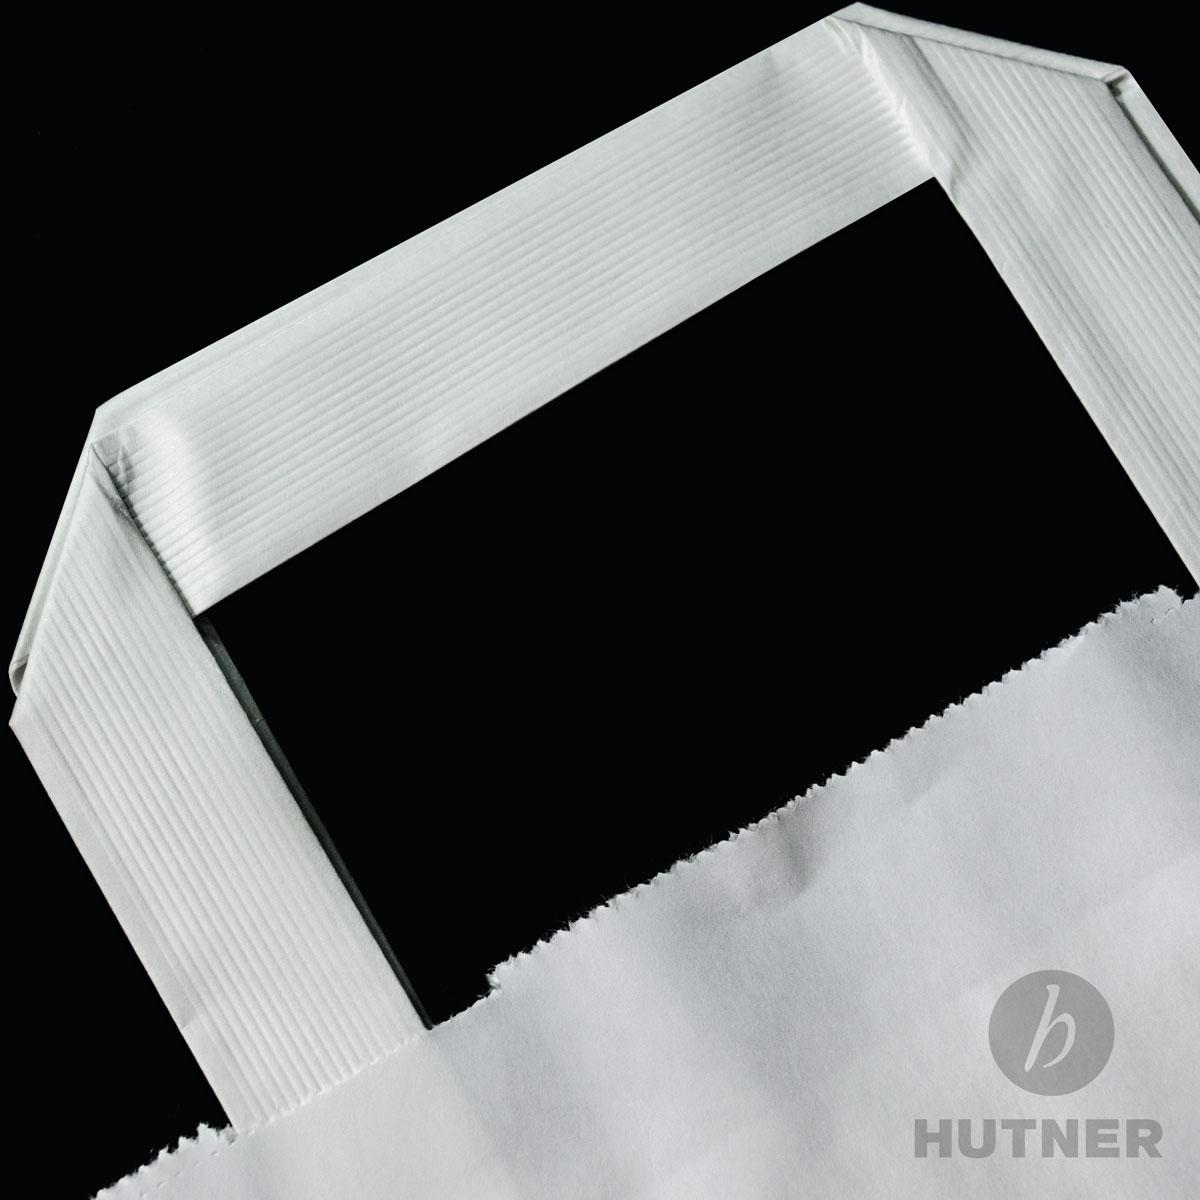 HUTNER Papiertüten weiss Flachhenkel Papiertragetaschen ...